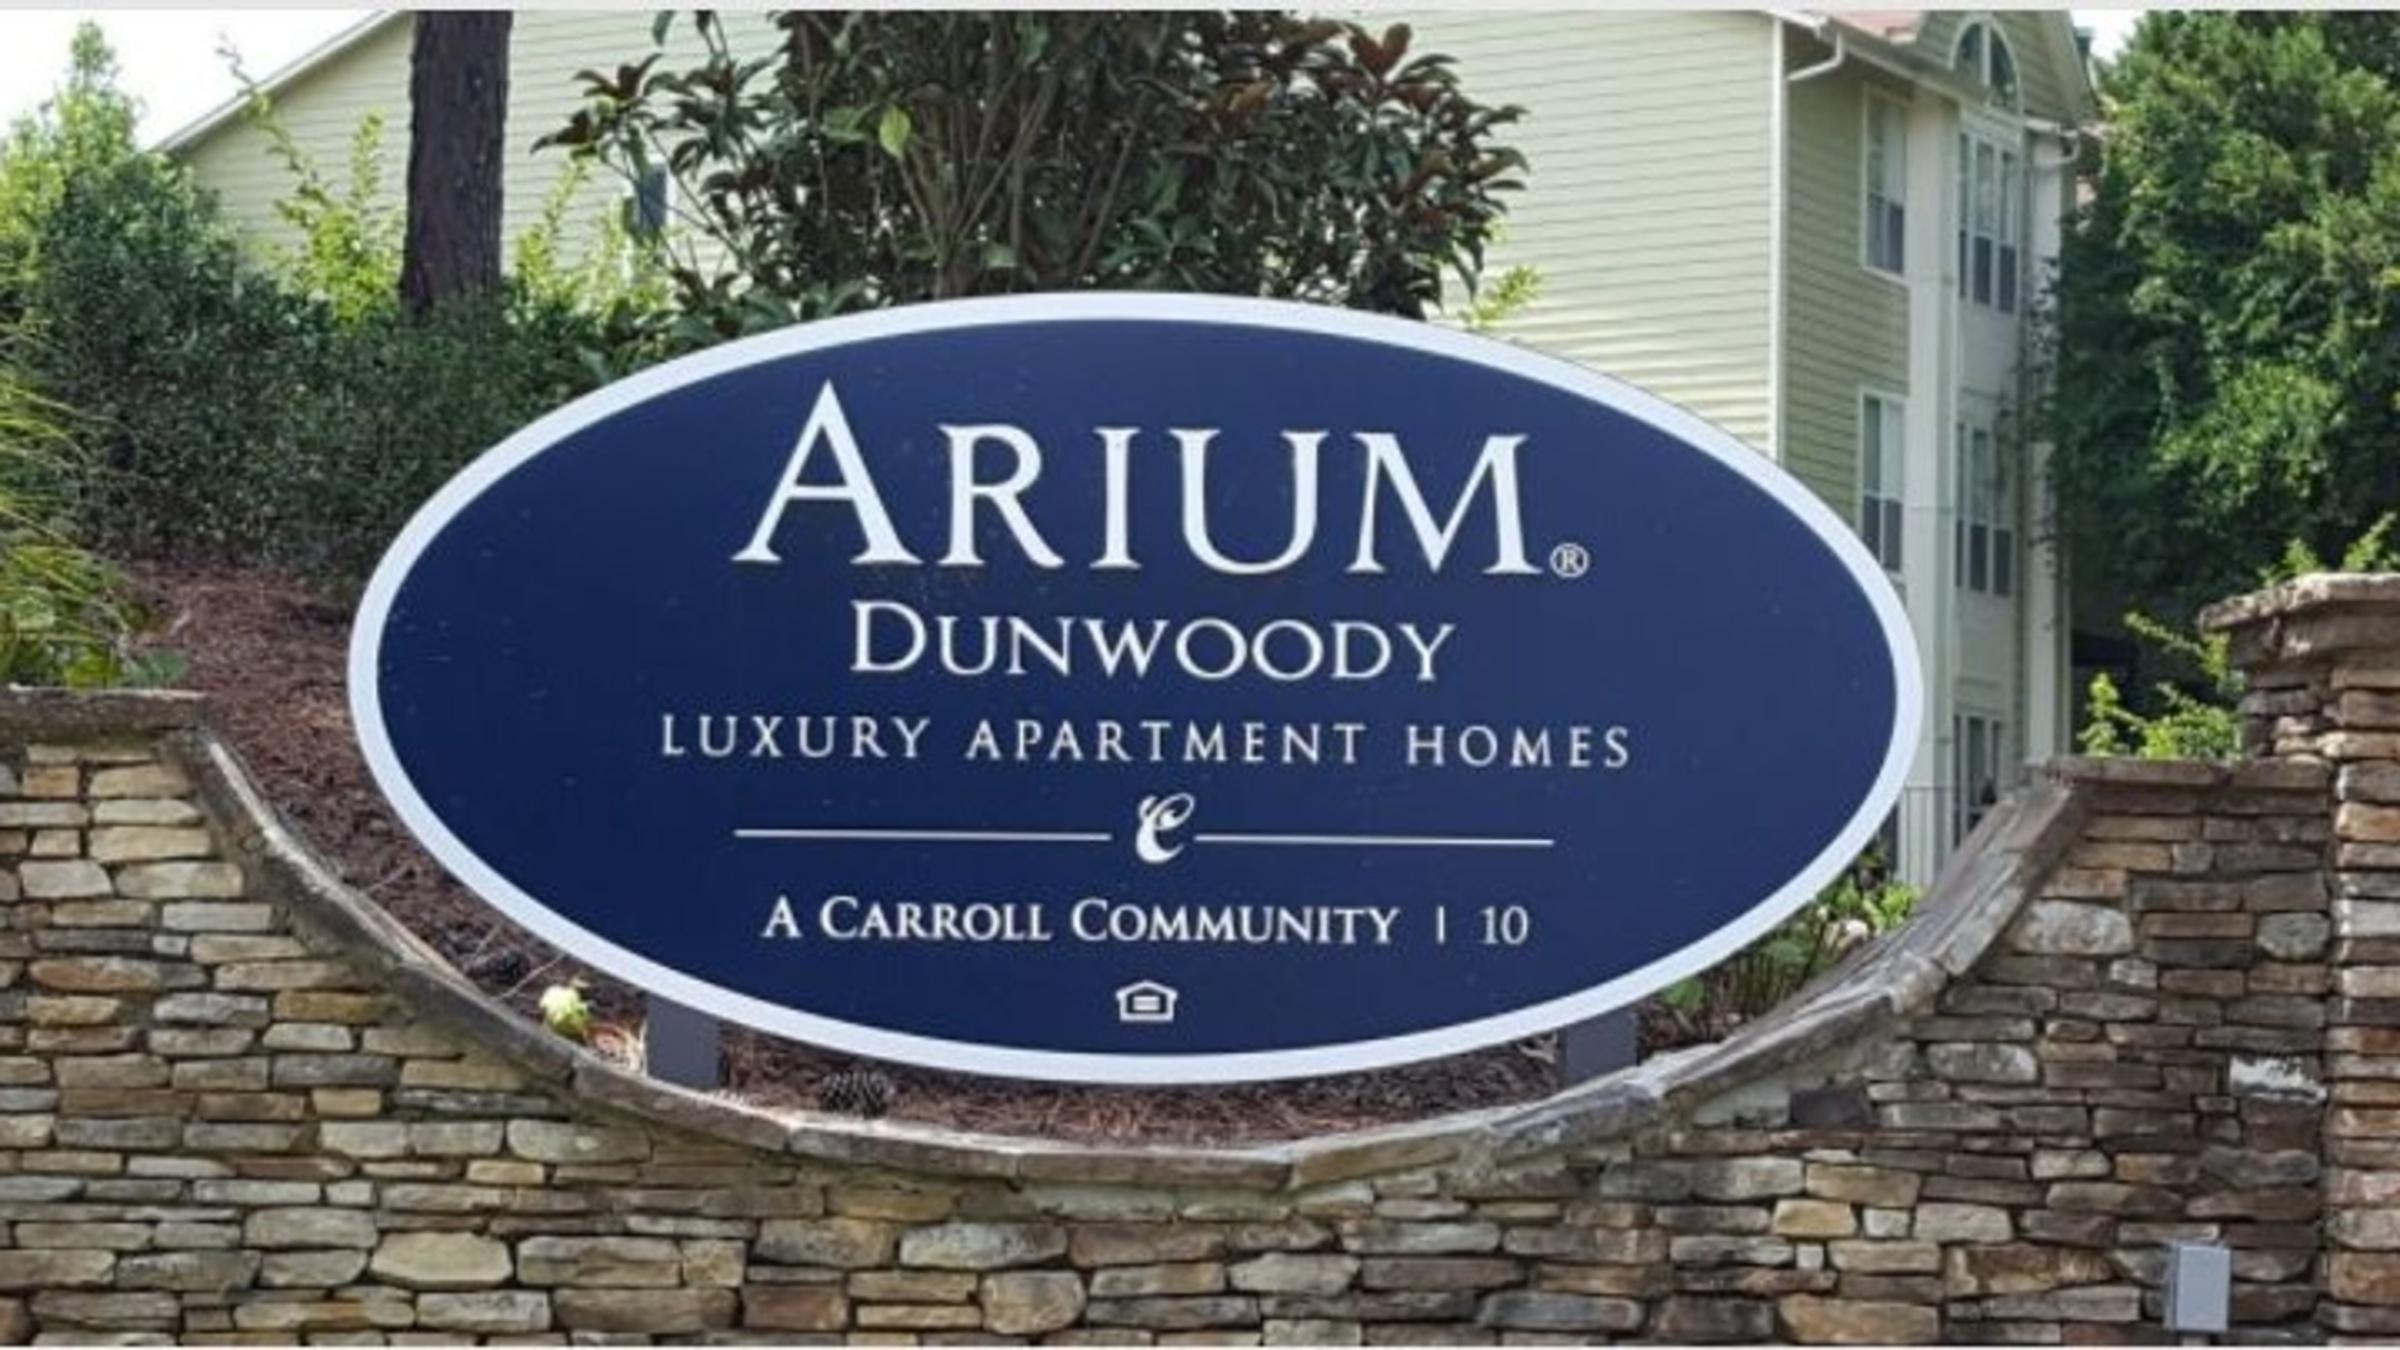 Arium Dunwoody